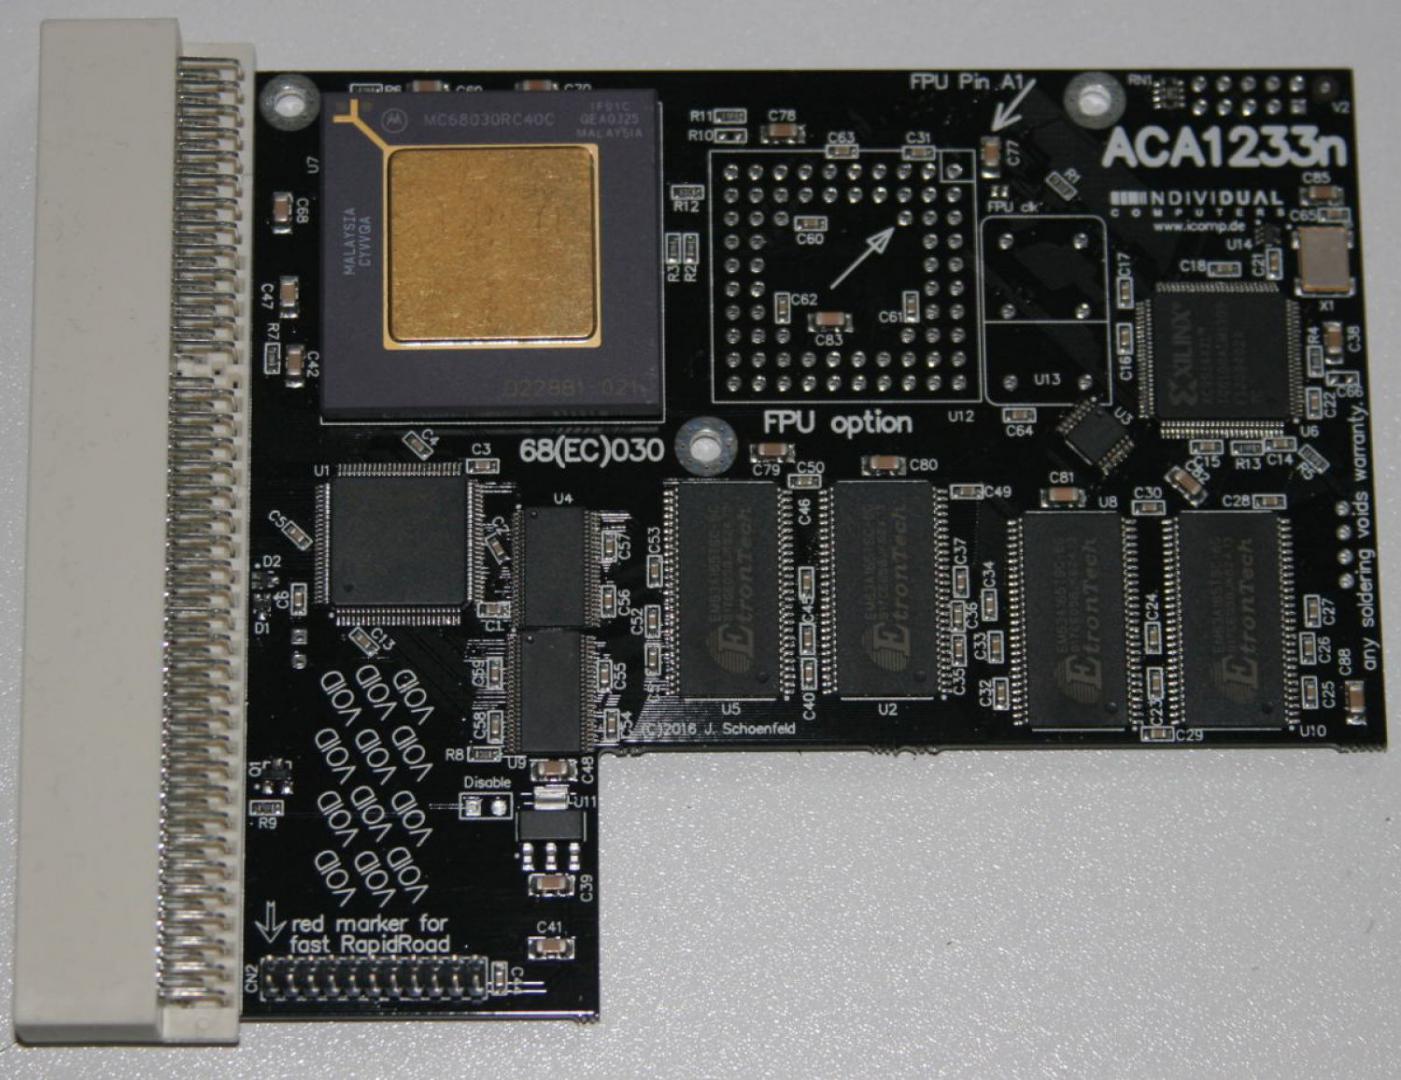 Klikněte na obrázek pro zobrazení větší verze  Název: aca1233n-40_production_unit-b2c01165.jpg Zobrazeno: 46 Velikost: 191,4 KB ID: 9623